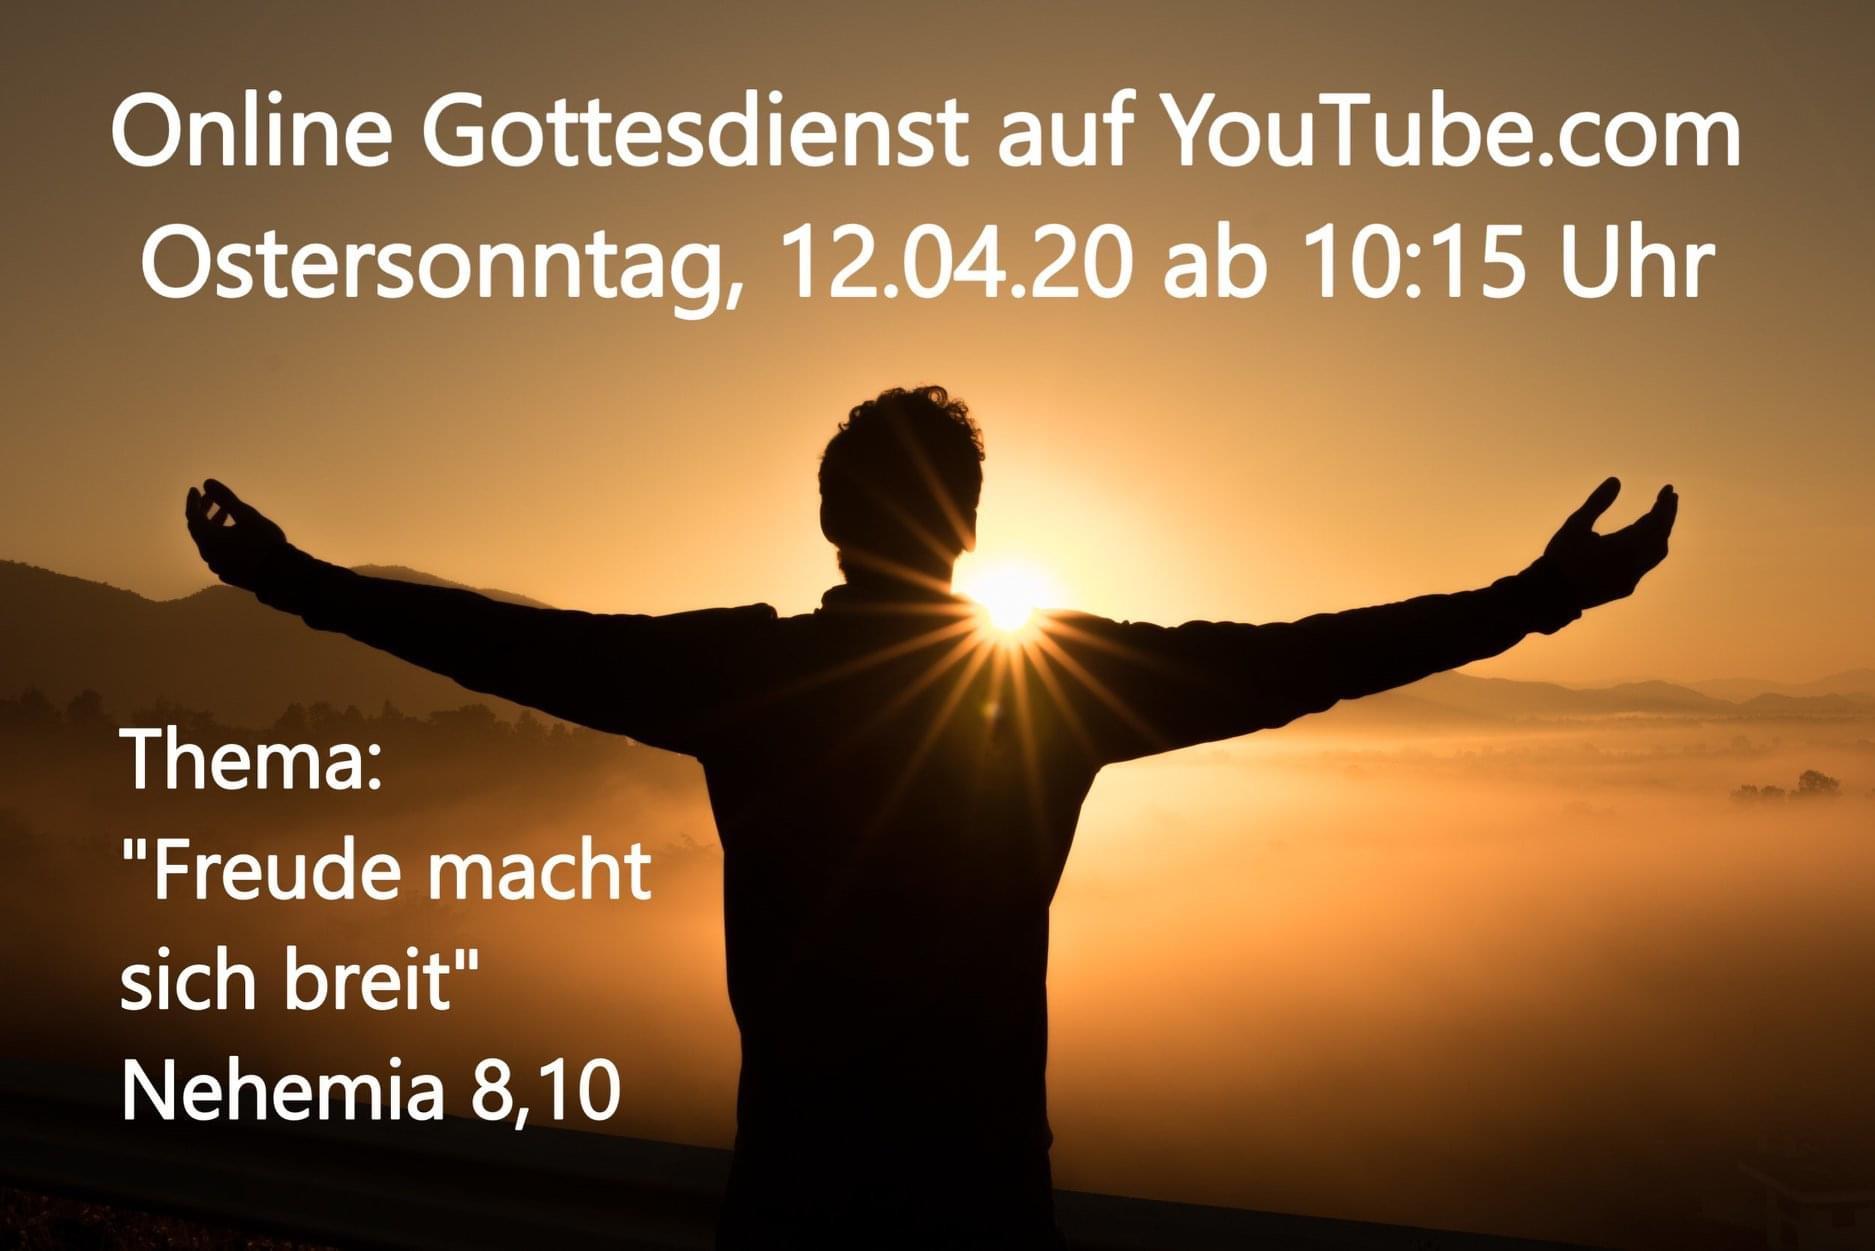 Online-Gottesdienst vom 12.04.2020 (Ostersonntag)